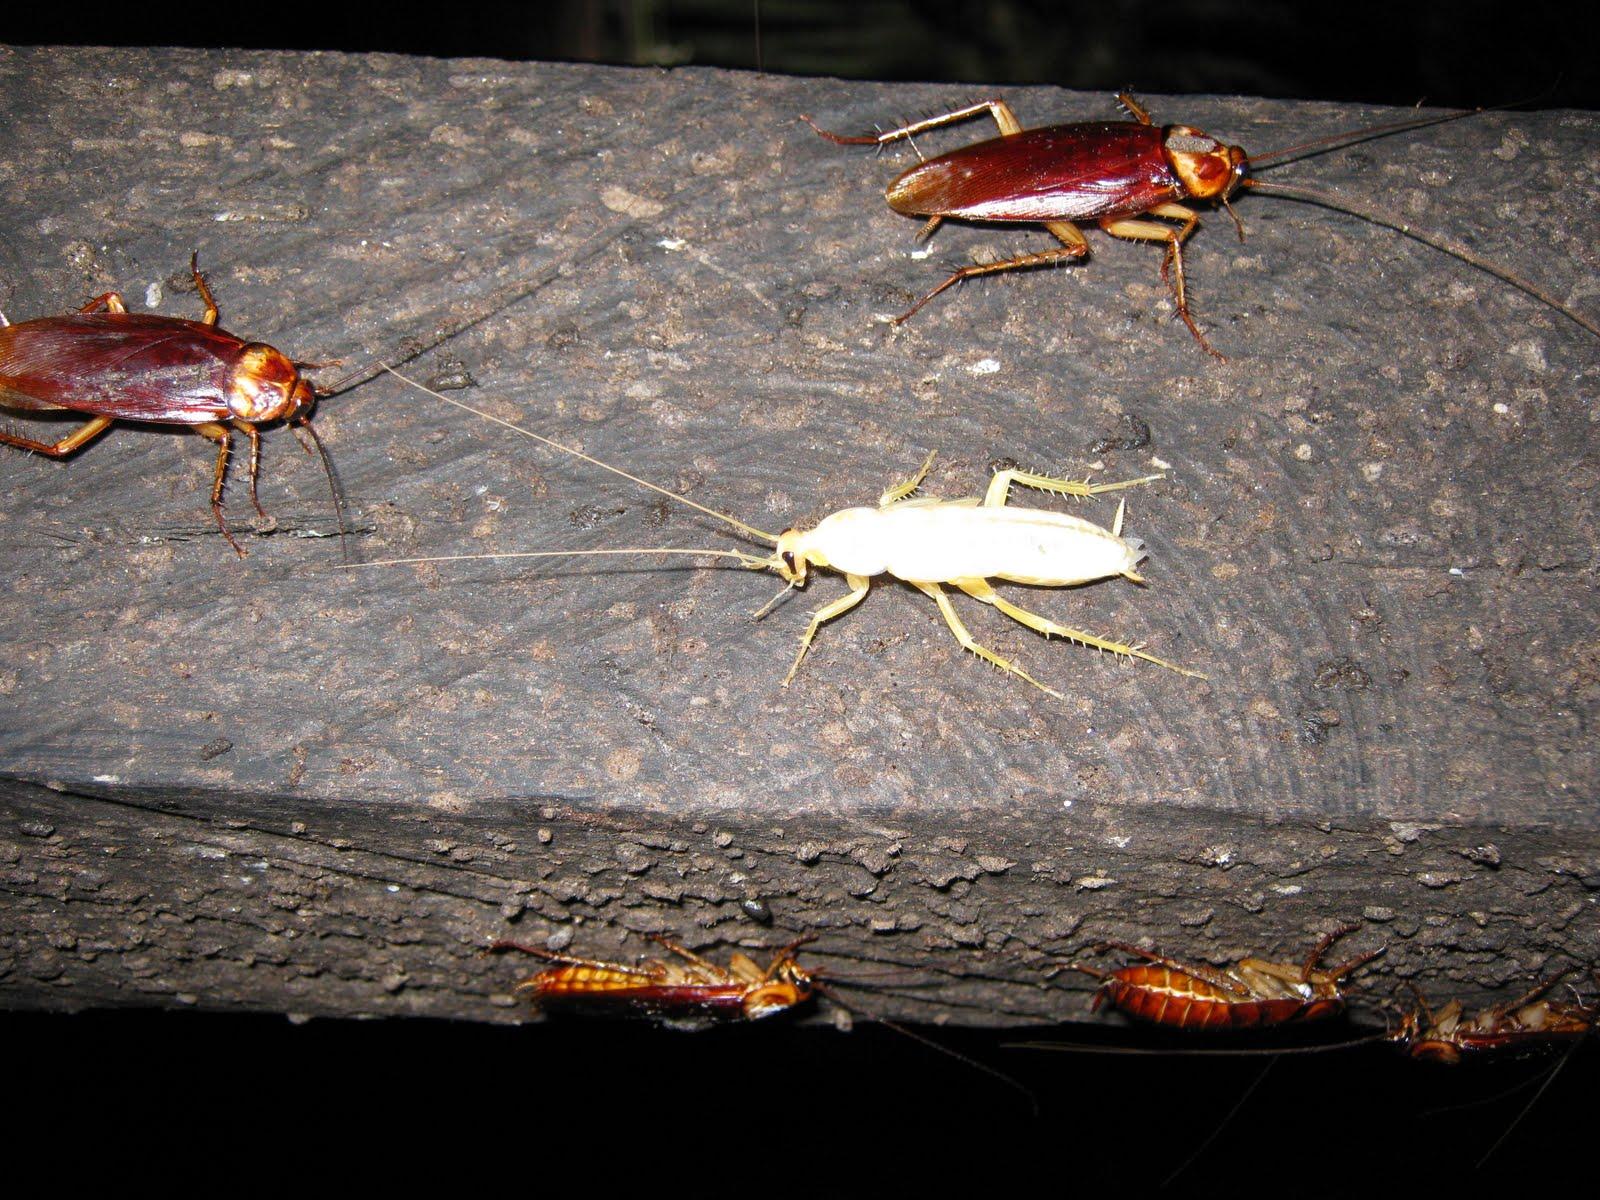 Тайны и домыслы о белых тараканах-альбиносах: откуда взялись, что это вообще такое, опасны ли для человека